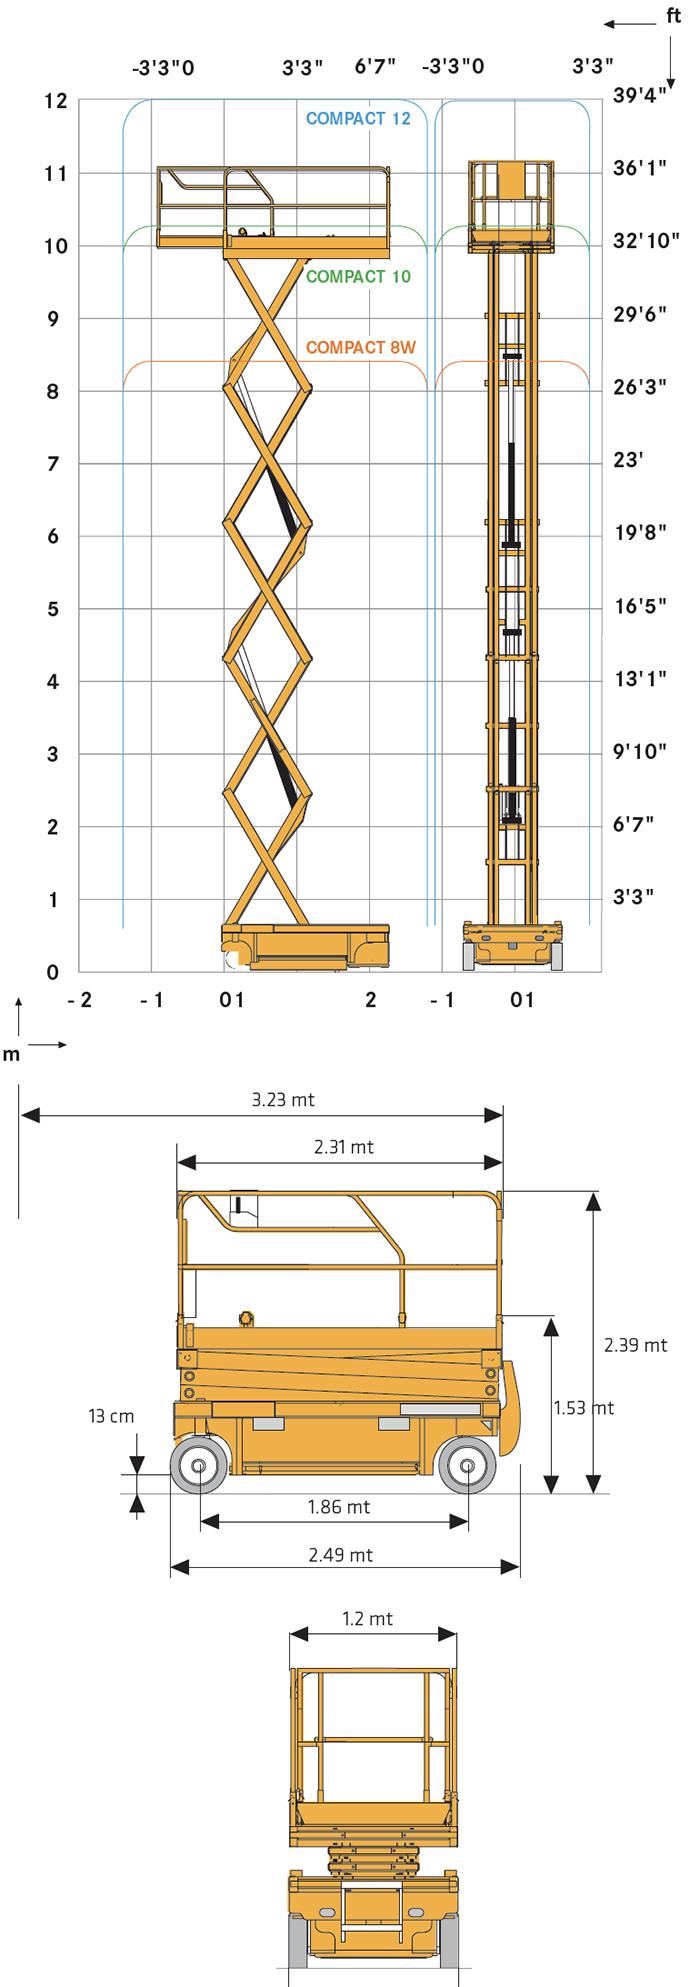 Piattaforma Semovente Verticale Elettrica VE 12 HA - COMPACT 12